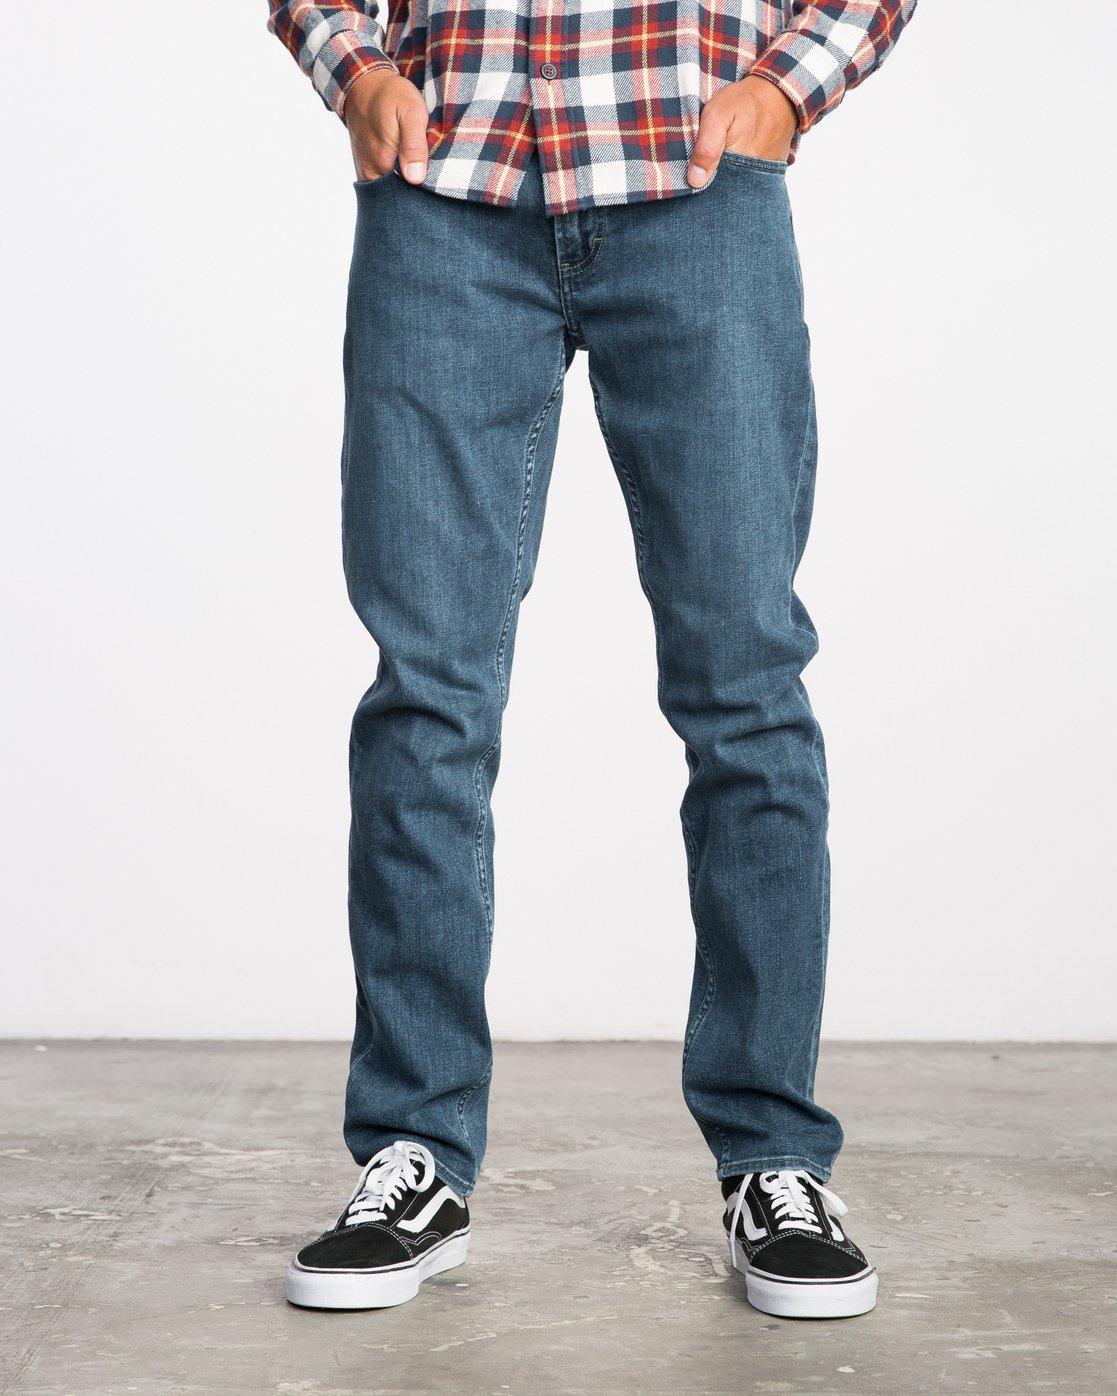 0 Stay RVCA Denim Pants  MDDP02ST RVCA